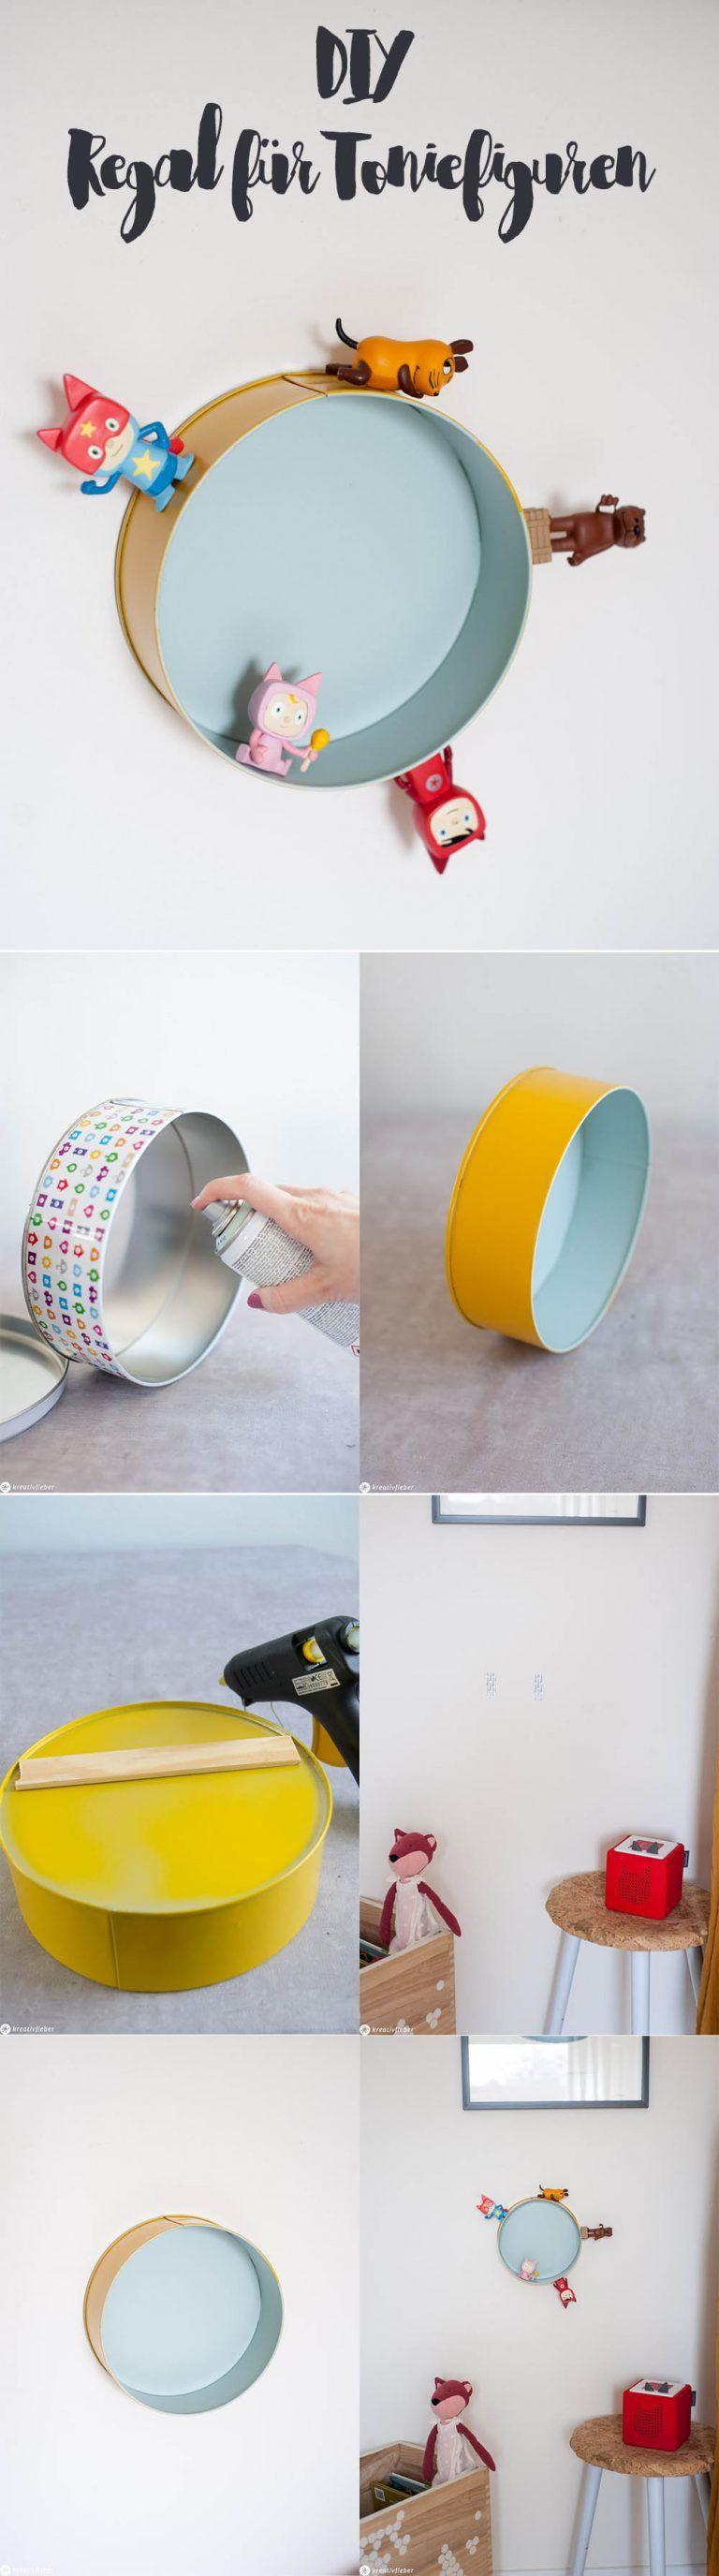 DIY Regal für Toniefiguren aus einer Keksdose upcyclen